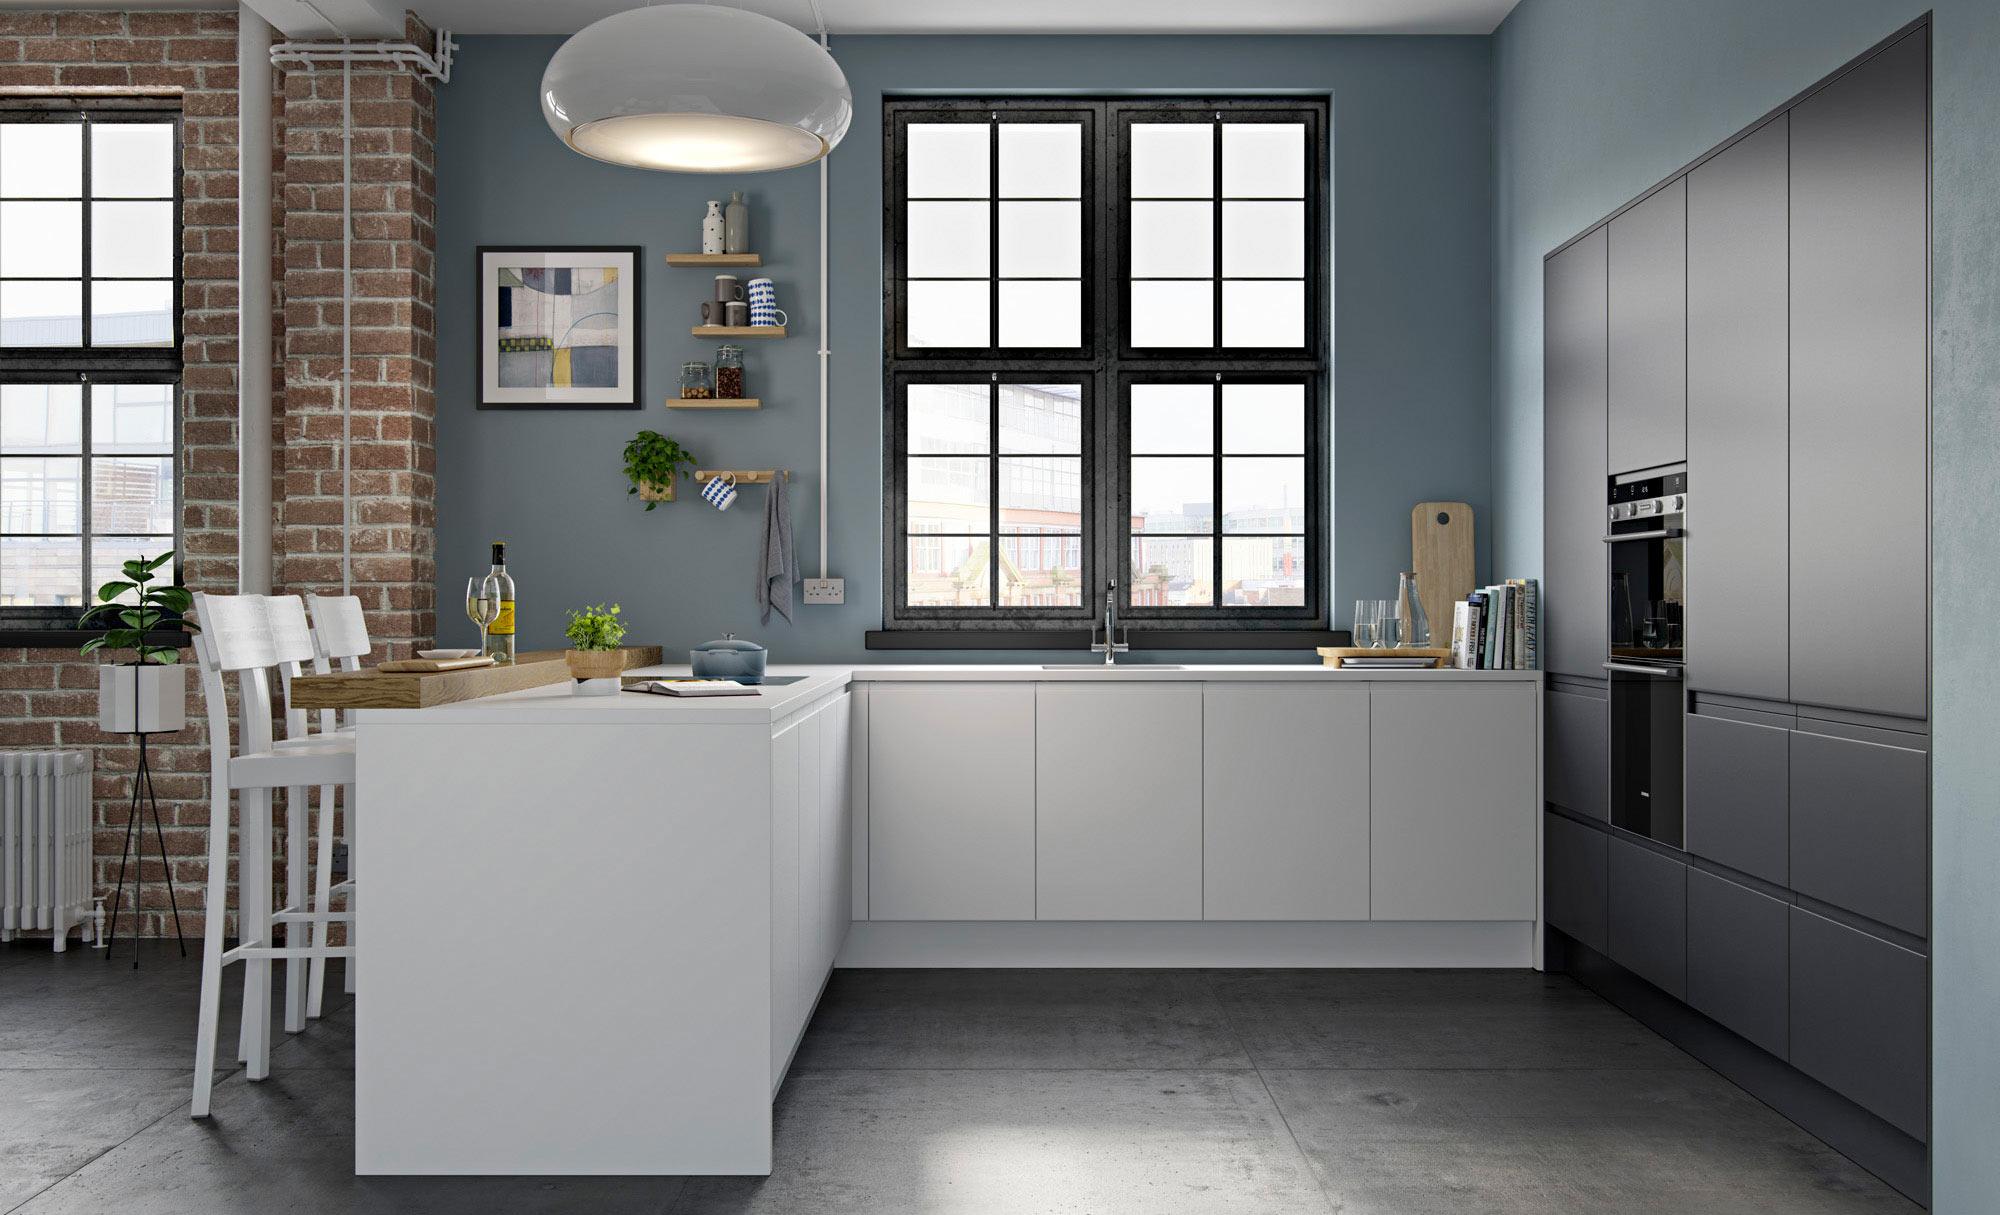 Uform Strada Matte White & Graphite  Kitchen